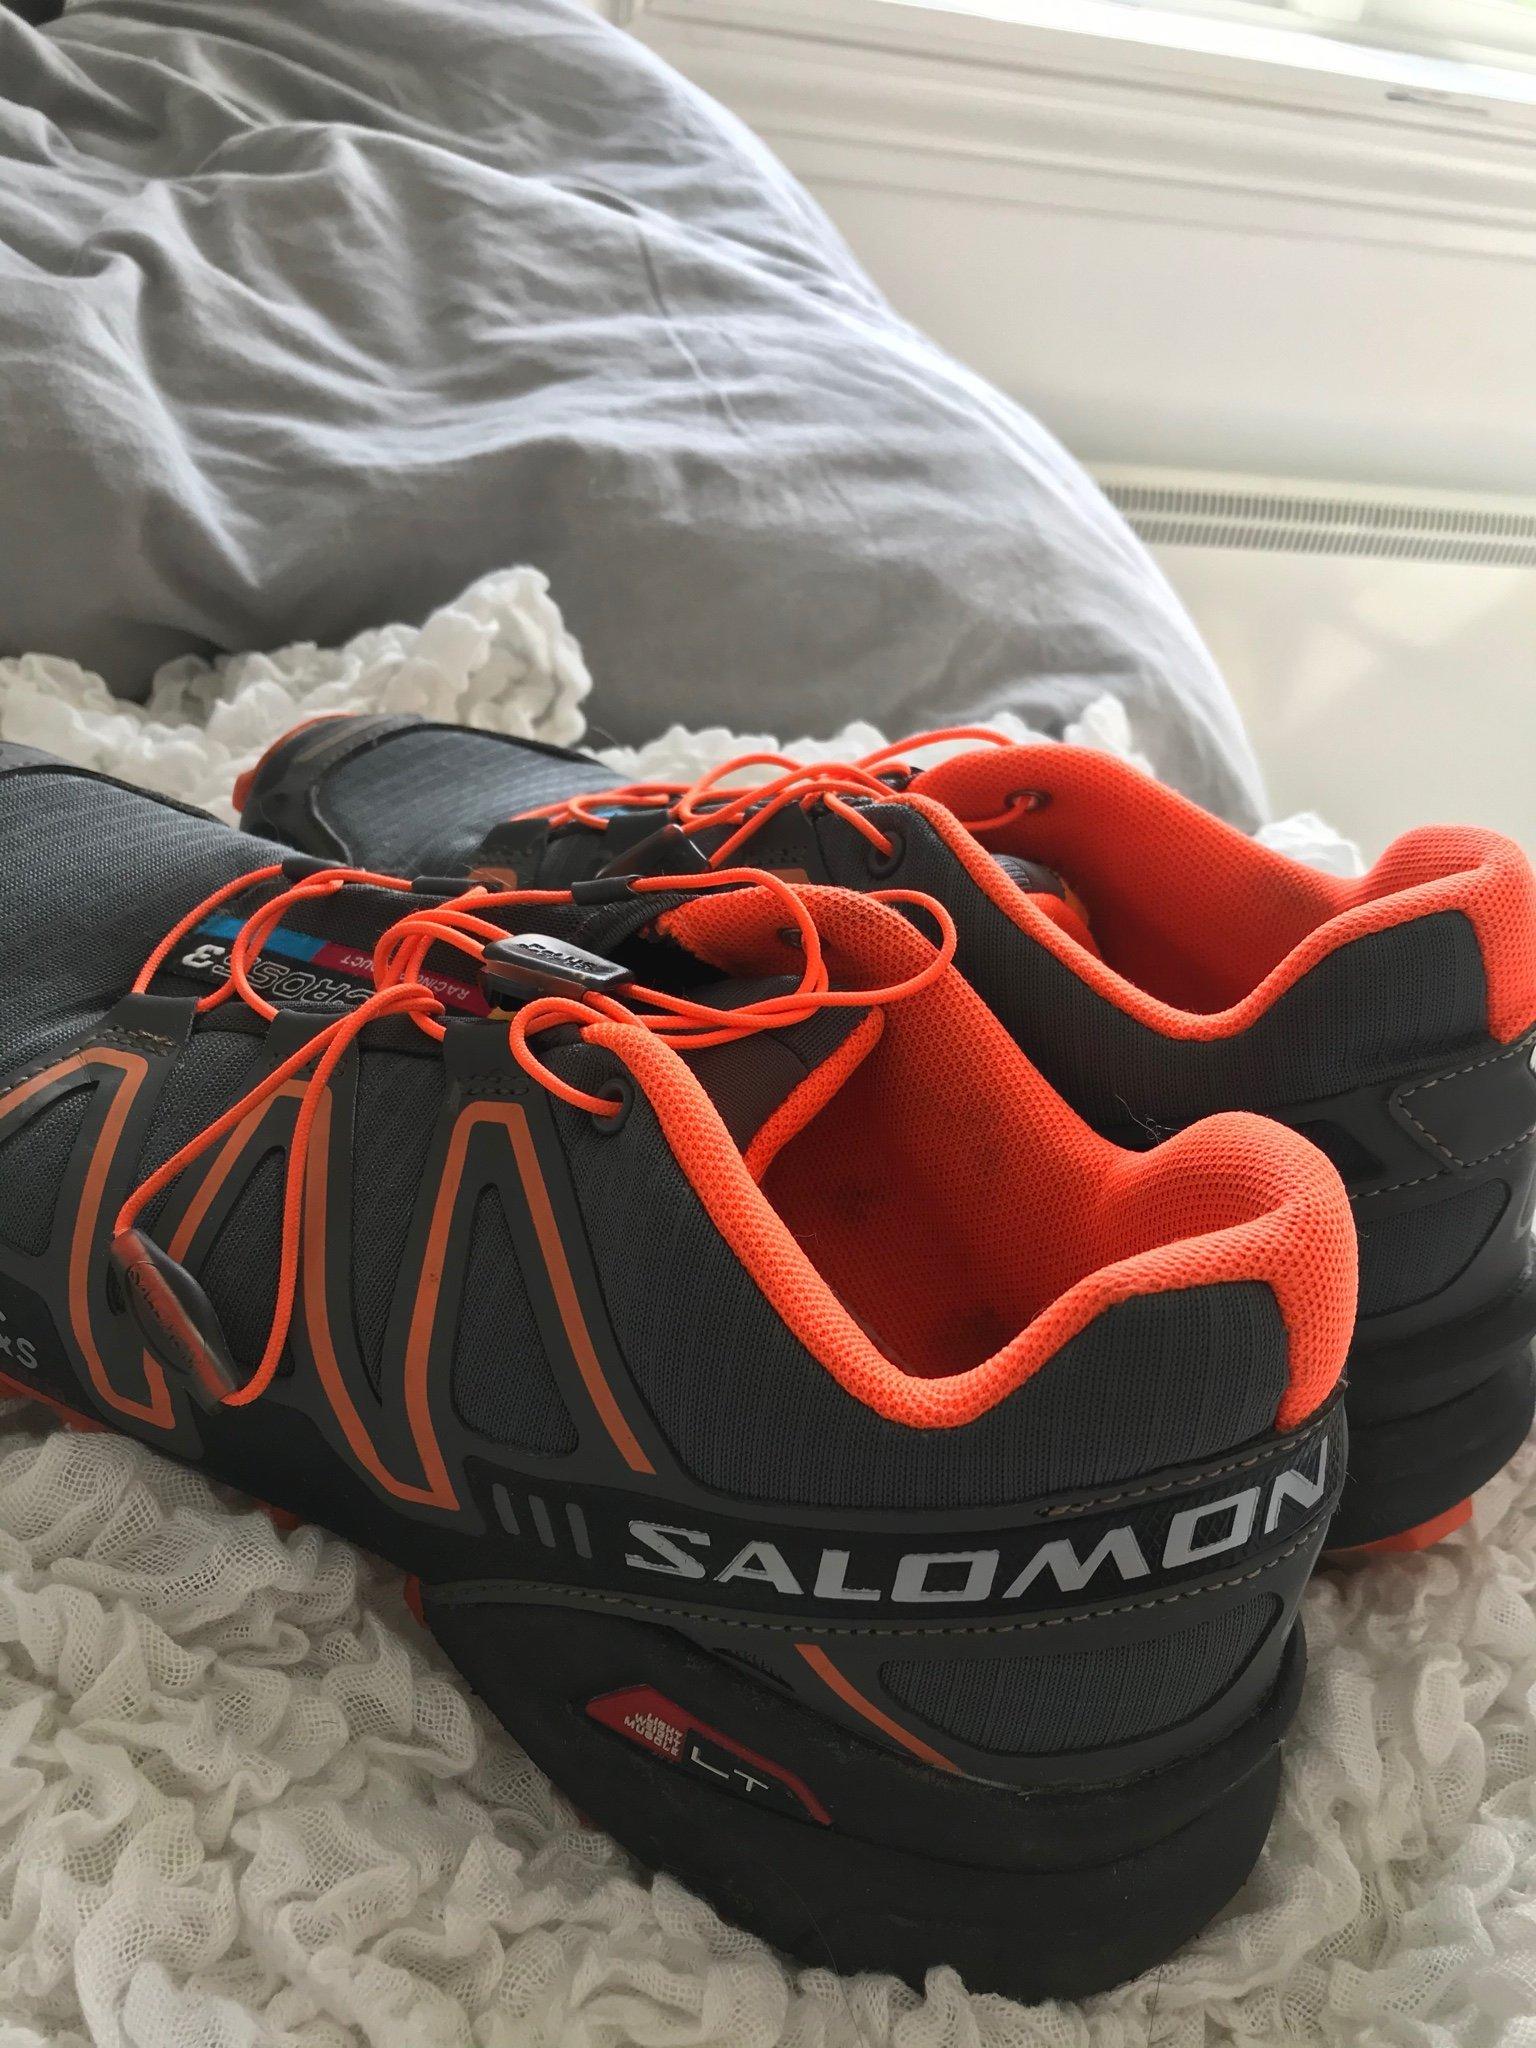 Salomon skor